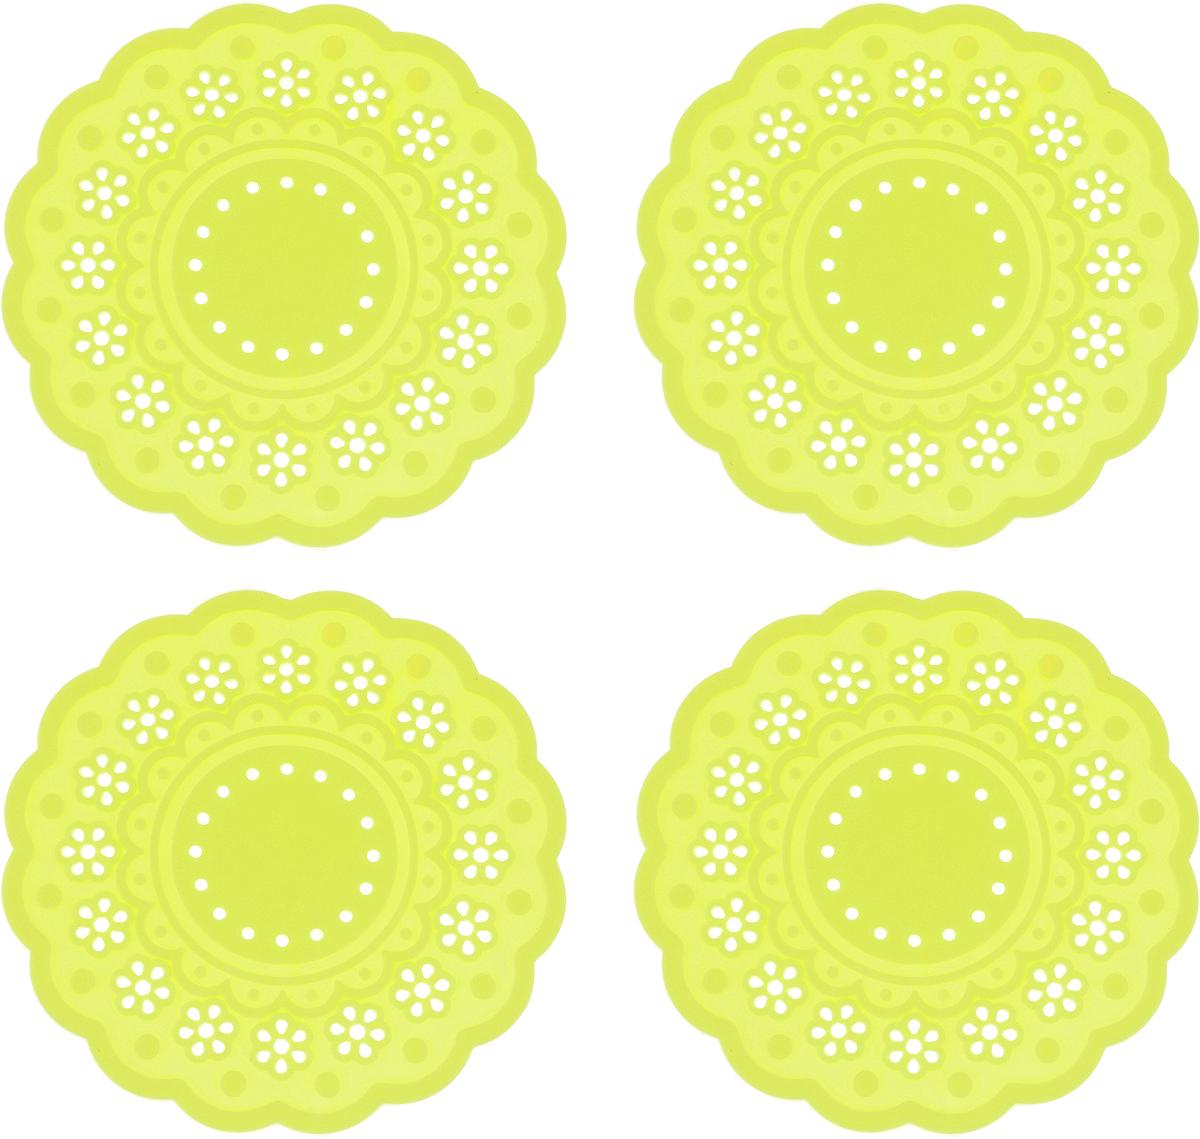 Набор подставок под горячее Доляна Затея, цвет: желтый, 10 см, 4 шт830227_желтыйНабор Доляна Затея состоит из 4 силиконовых подставок под горячее. Силиконовая подставка под горячее - практичный предмет, который обязательно пригодится в хозяйстве. Изделие поможет сберечь столы, тумбы, скатерти и клеенки от повреждения нагретыми сковородами, кастрюлями, чайниками и тарелками.